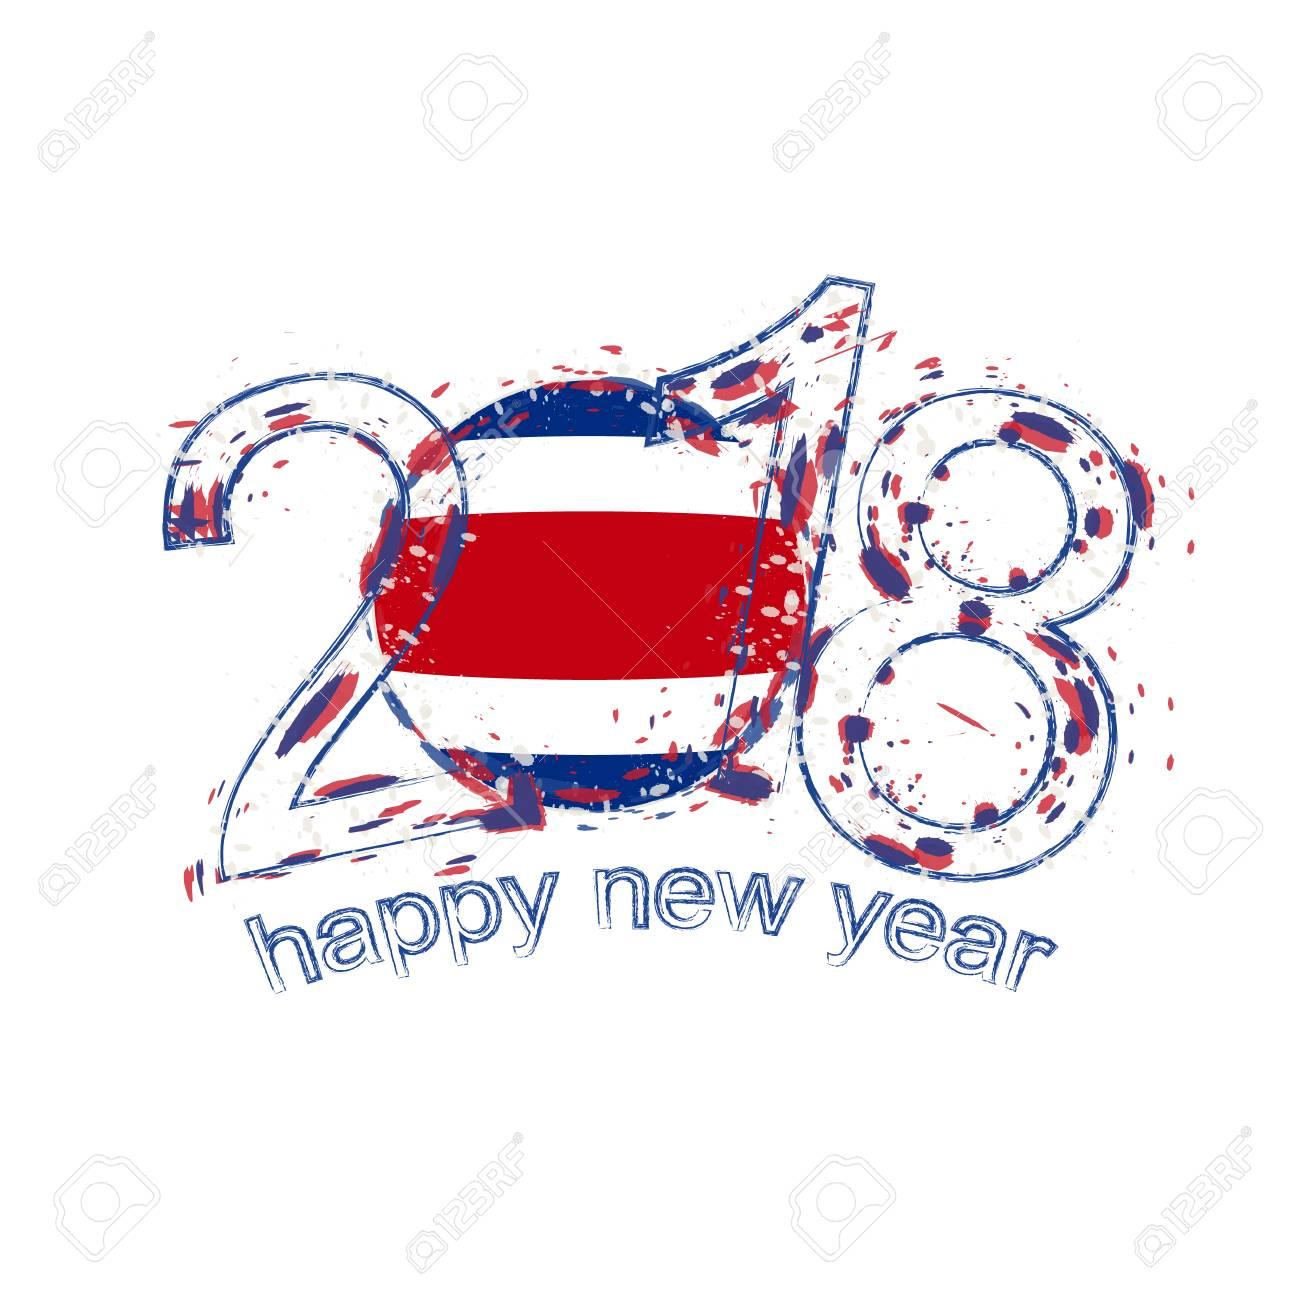 2018 Frohes Neues Jahr Costa Rica Grunge Vektor Vorlage Für ...